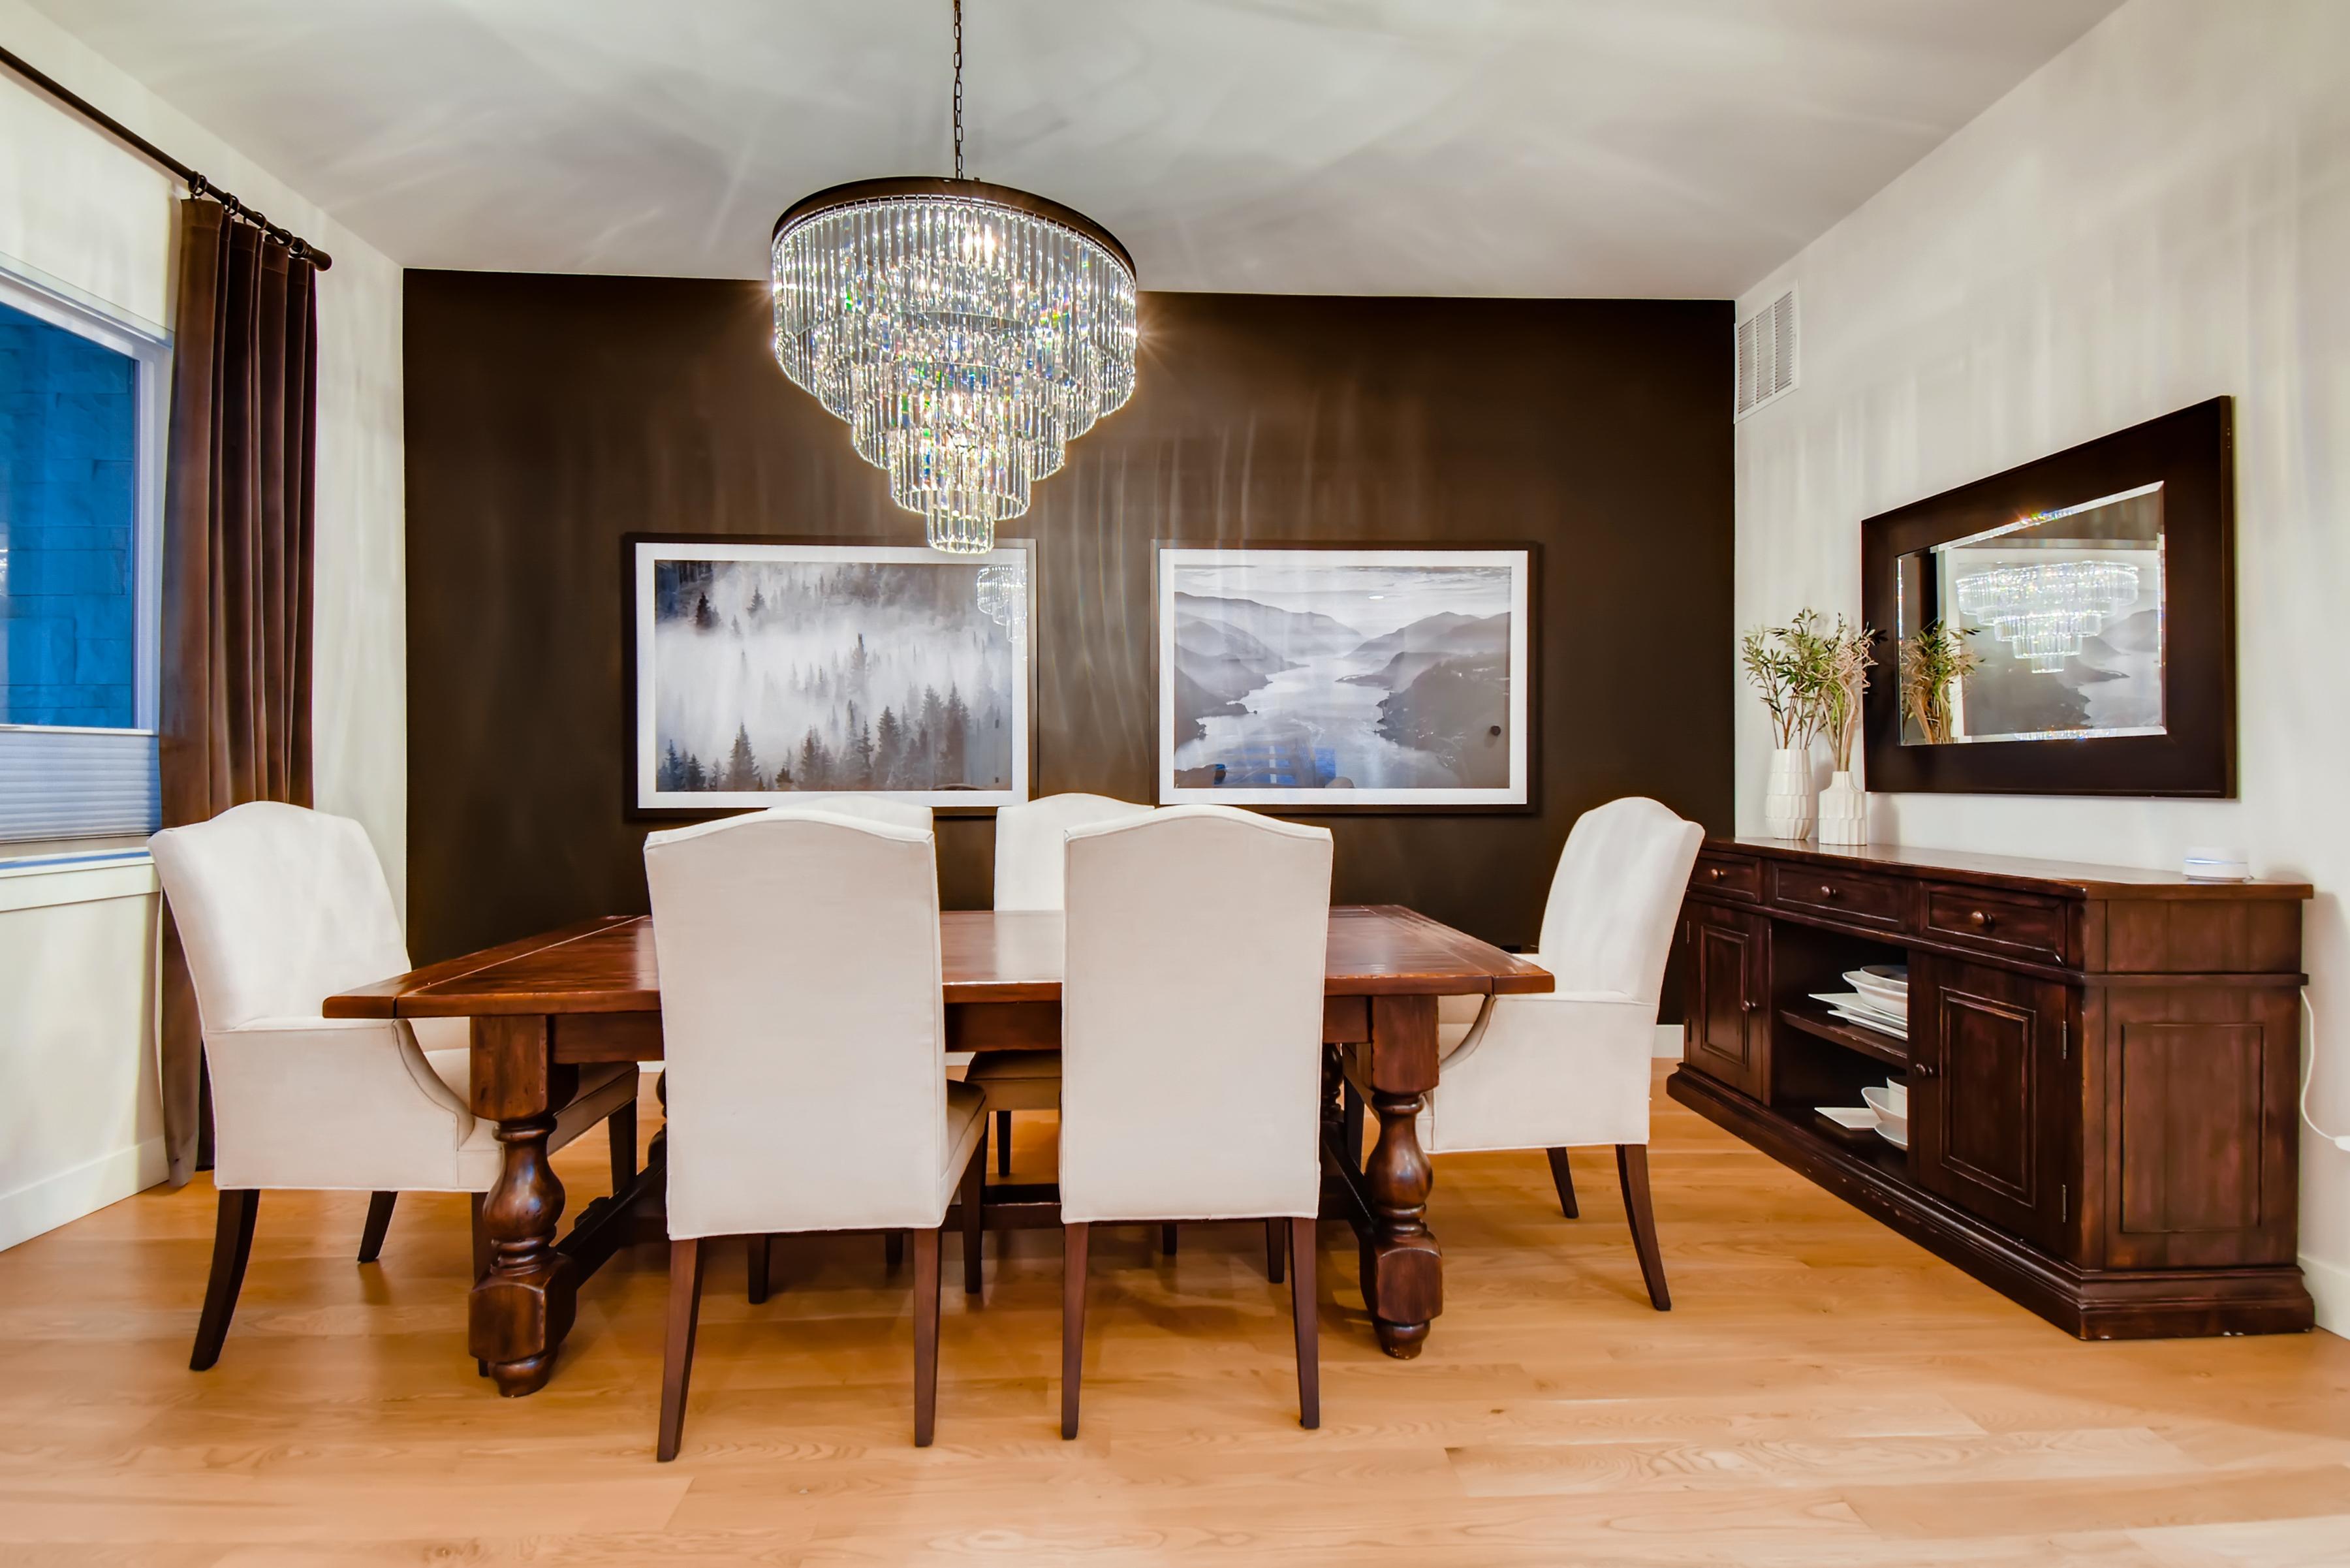 08 Dining Room 1602868565985